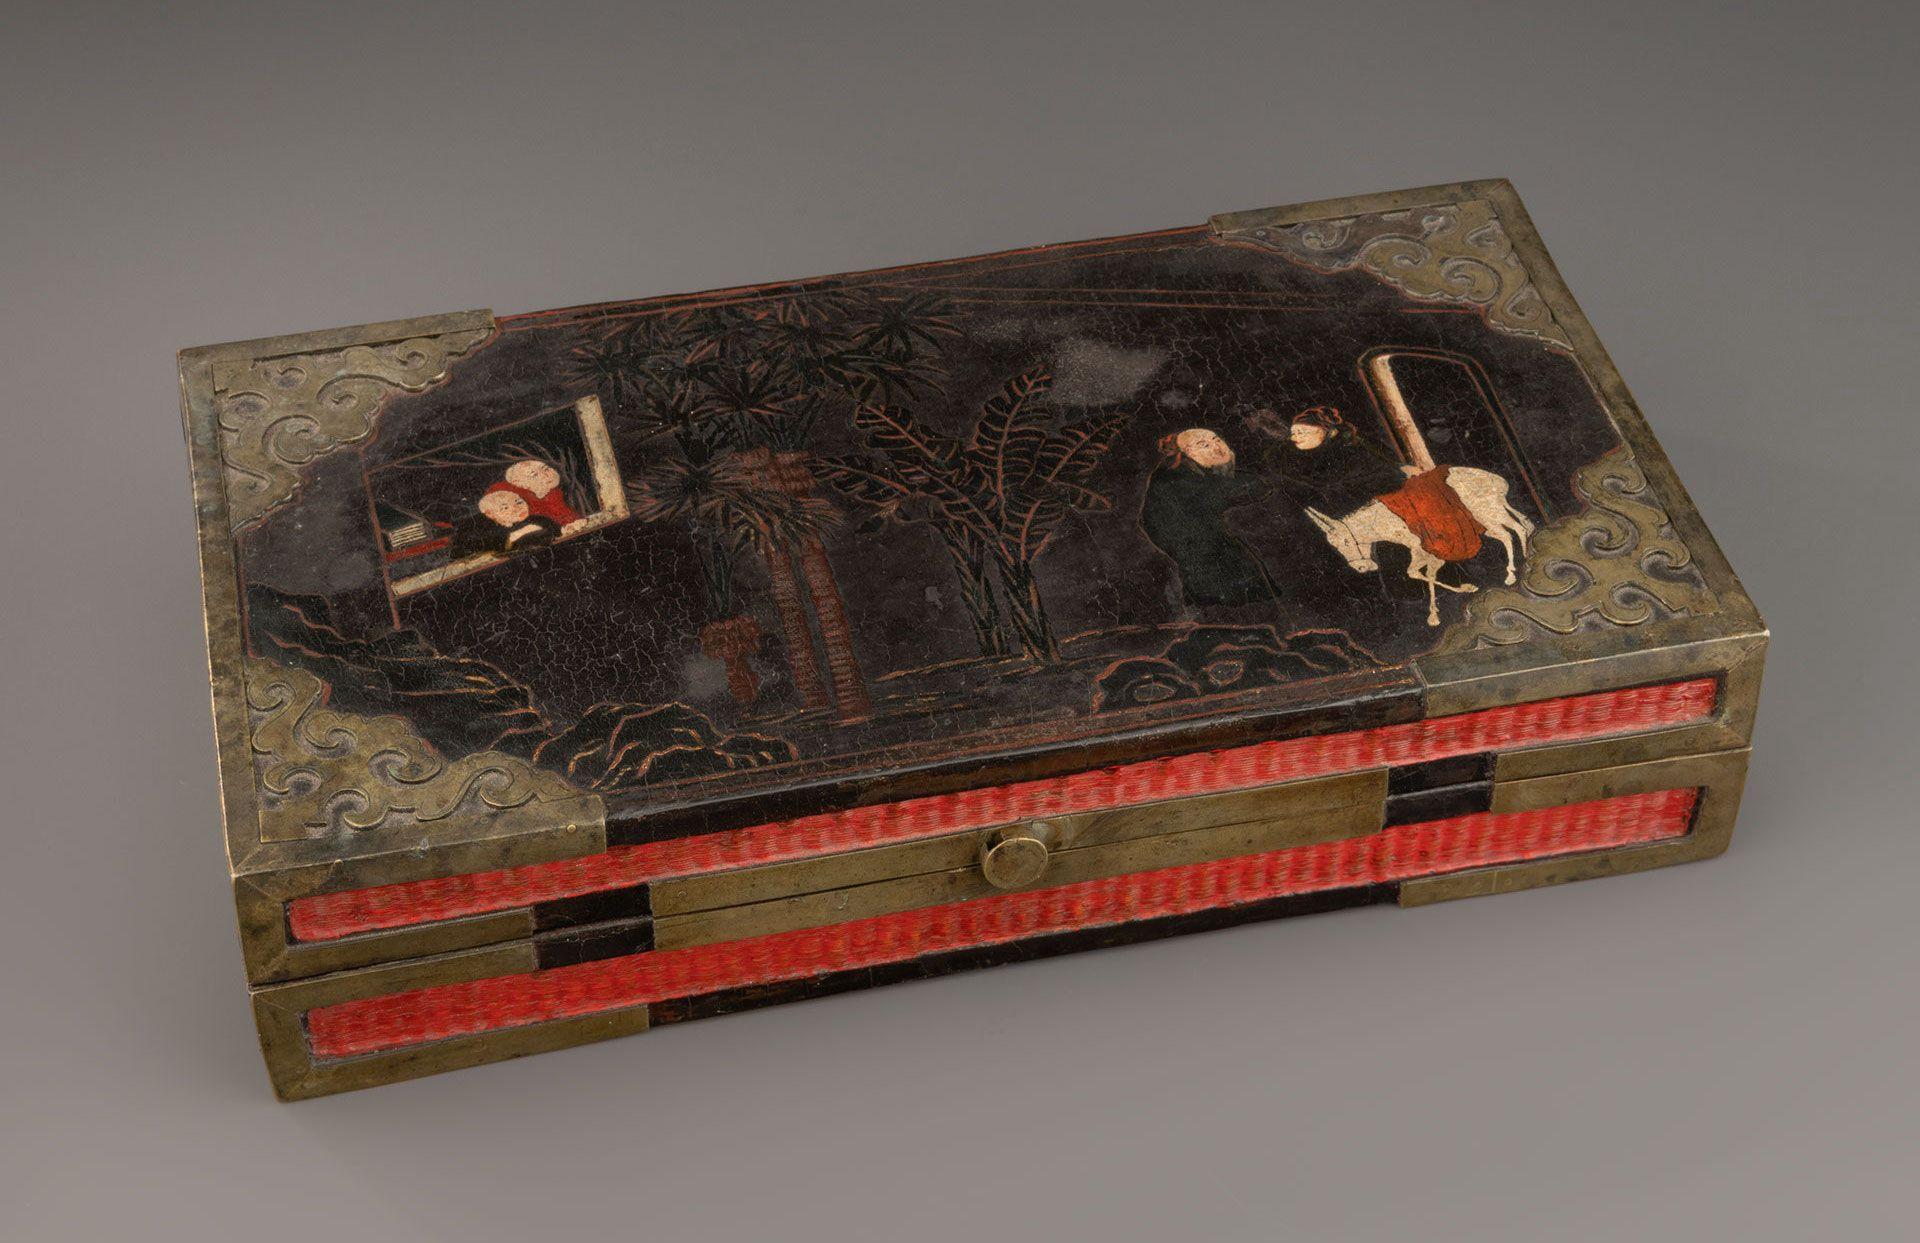 Boîte rectangulaire (Changfang He) ornée de figures dans un paysage, fin 17e – début 18e s., laque sur bois et fibres végétales, alliage cuivreux, 7,2 x 34,8 x 20 cm. Prêts de l'International Friends of the MMFA grâce à la générosité de Kenneth Greenstein